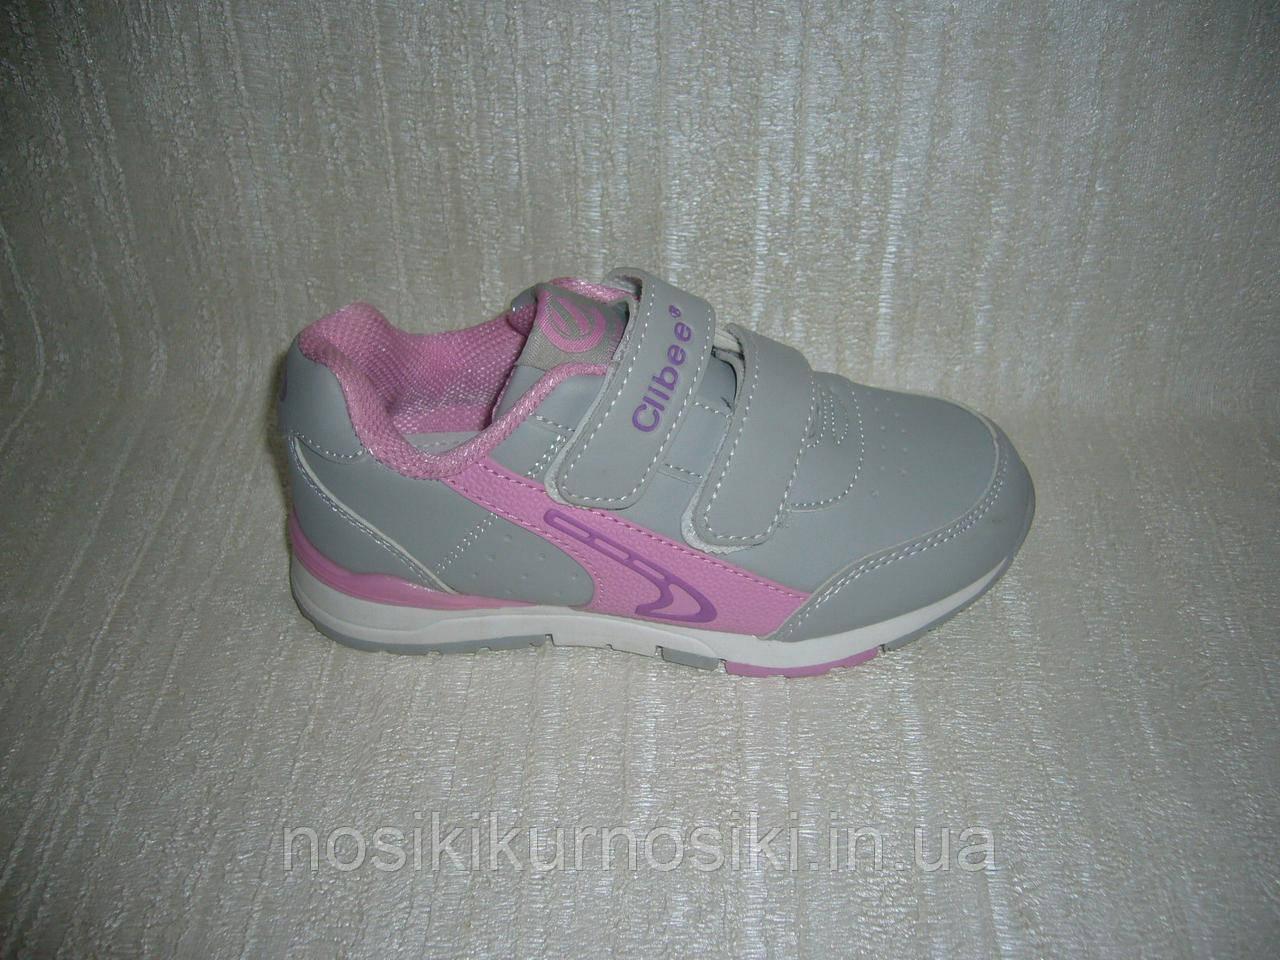 Кроссовки для девочек Clibee размеры 28, 29 цвет серый  продажа, цена в  Харькове. кроссовки, кеды детские и подростковые от